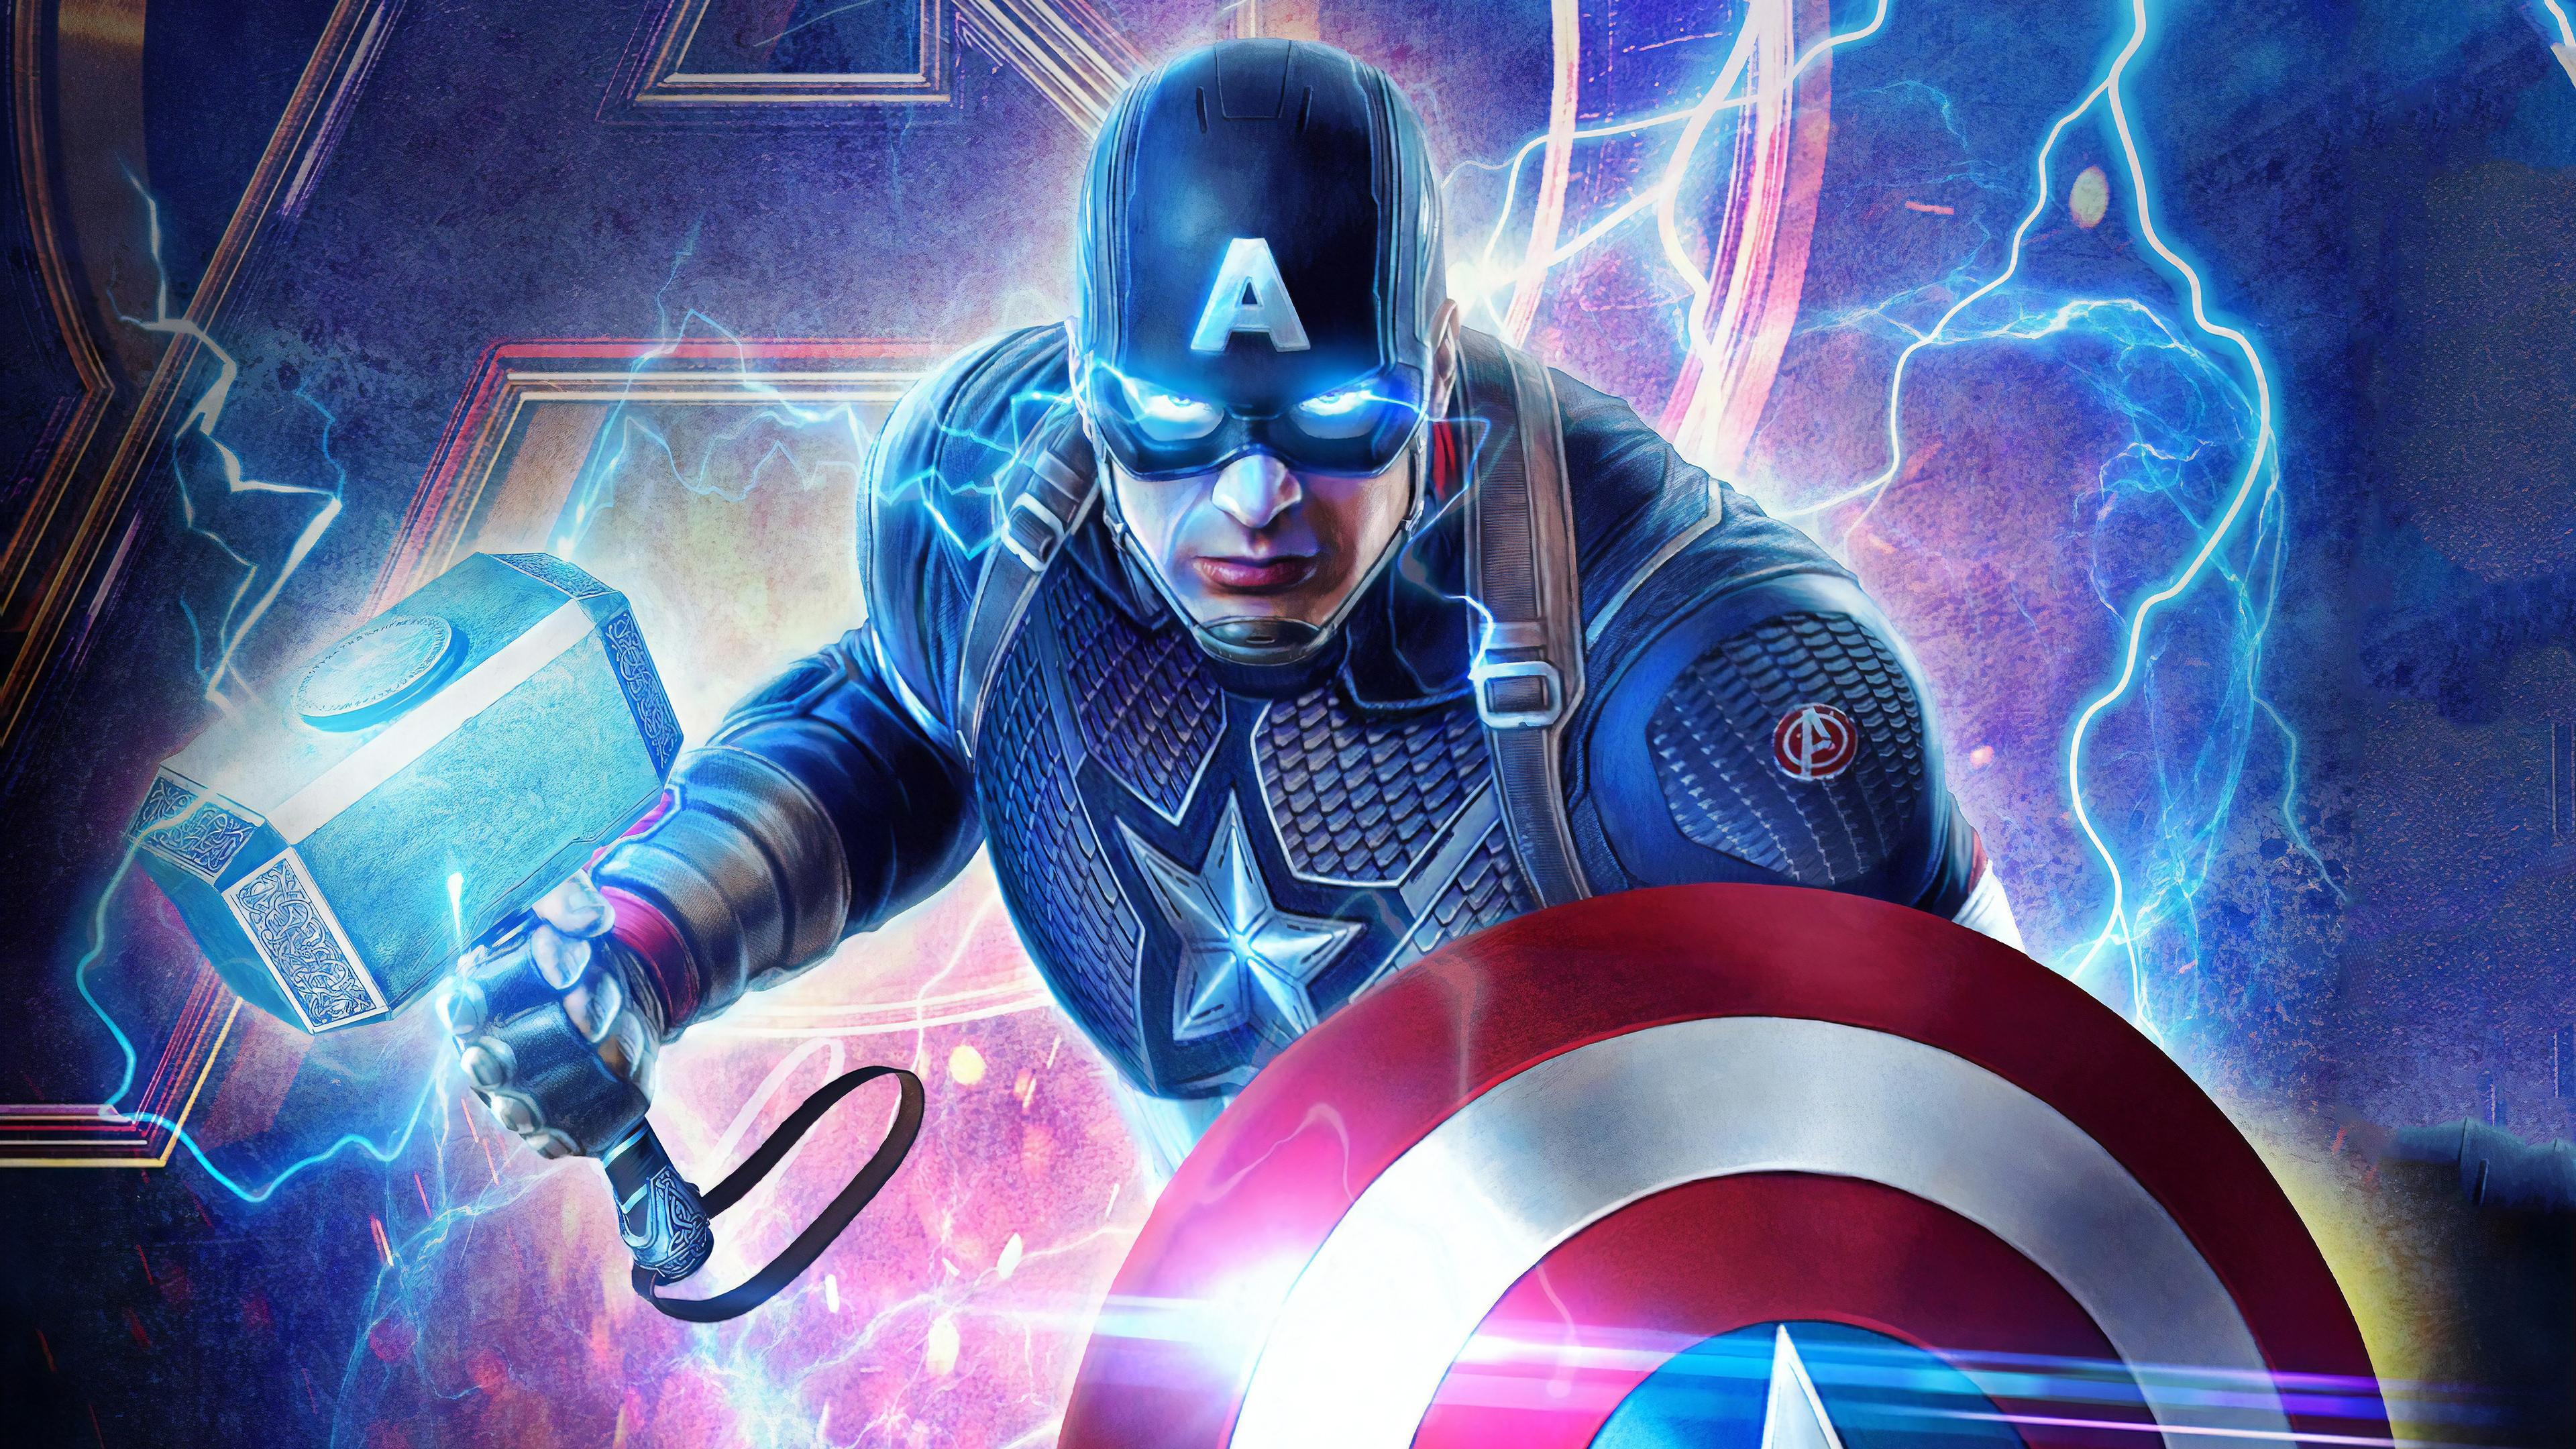 2019 Captain America Mjolnir Avengers Endgame 4k Hd